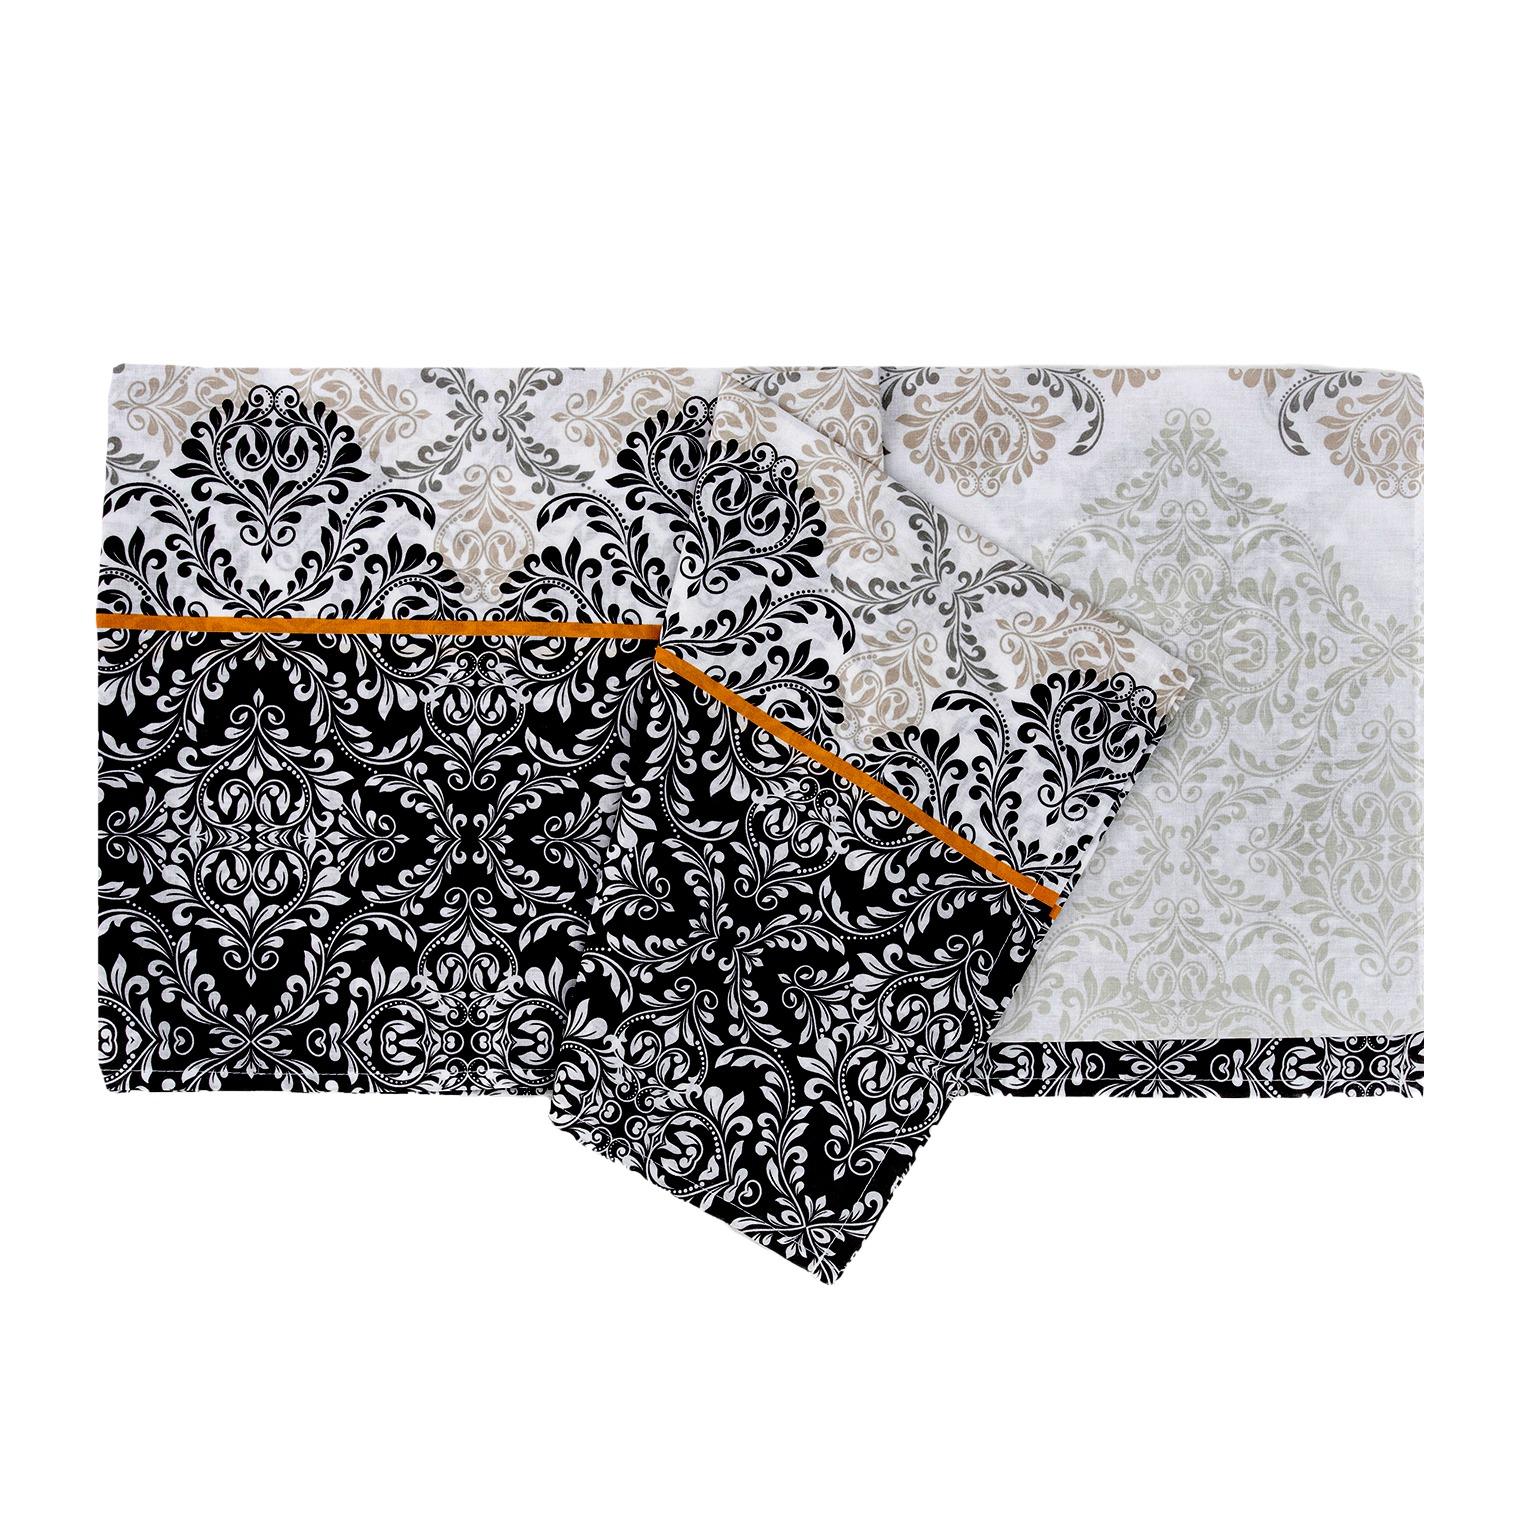 Toalha de Mesa Quadrada Royal 140x140 cm Classic - Santista